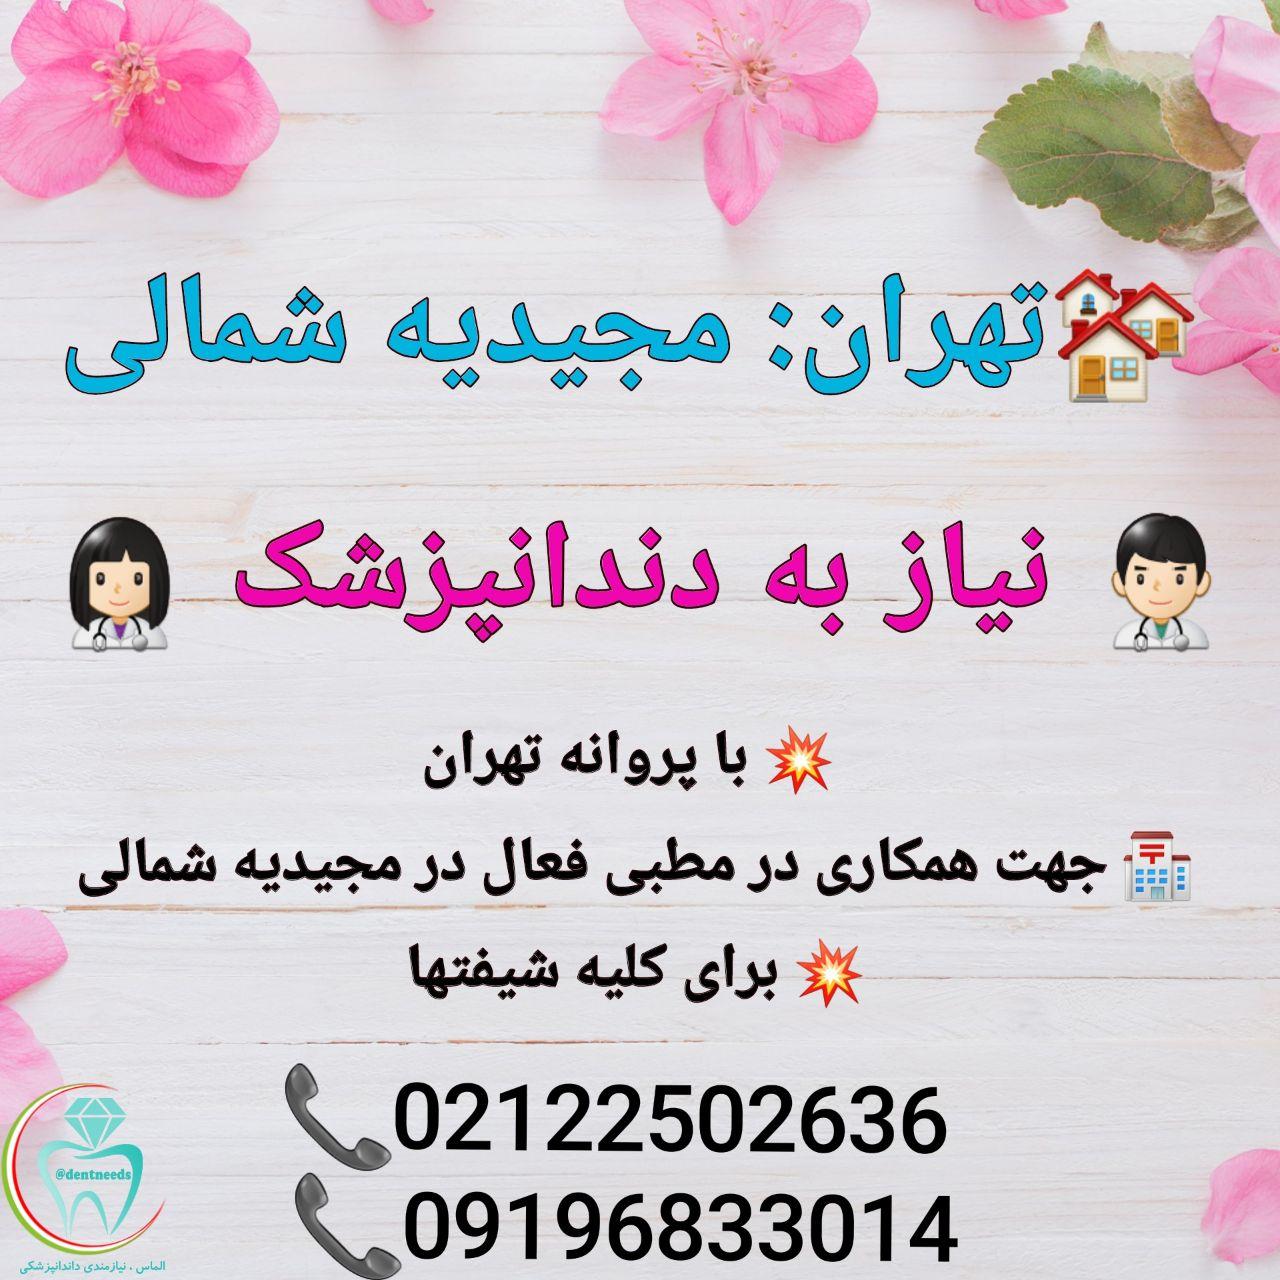 تهران: مجیدیه شمالی، نیاز به دندانپزشک